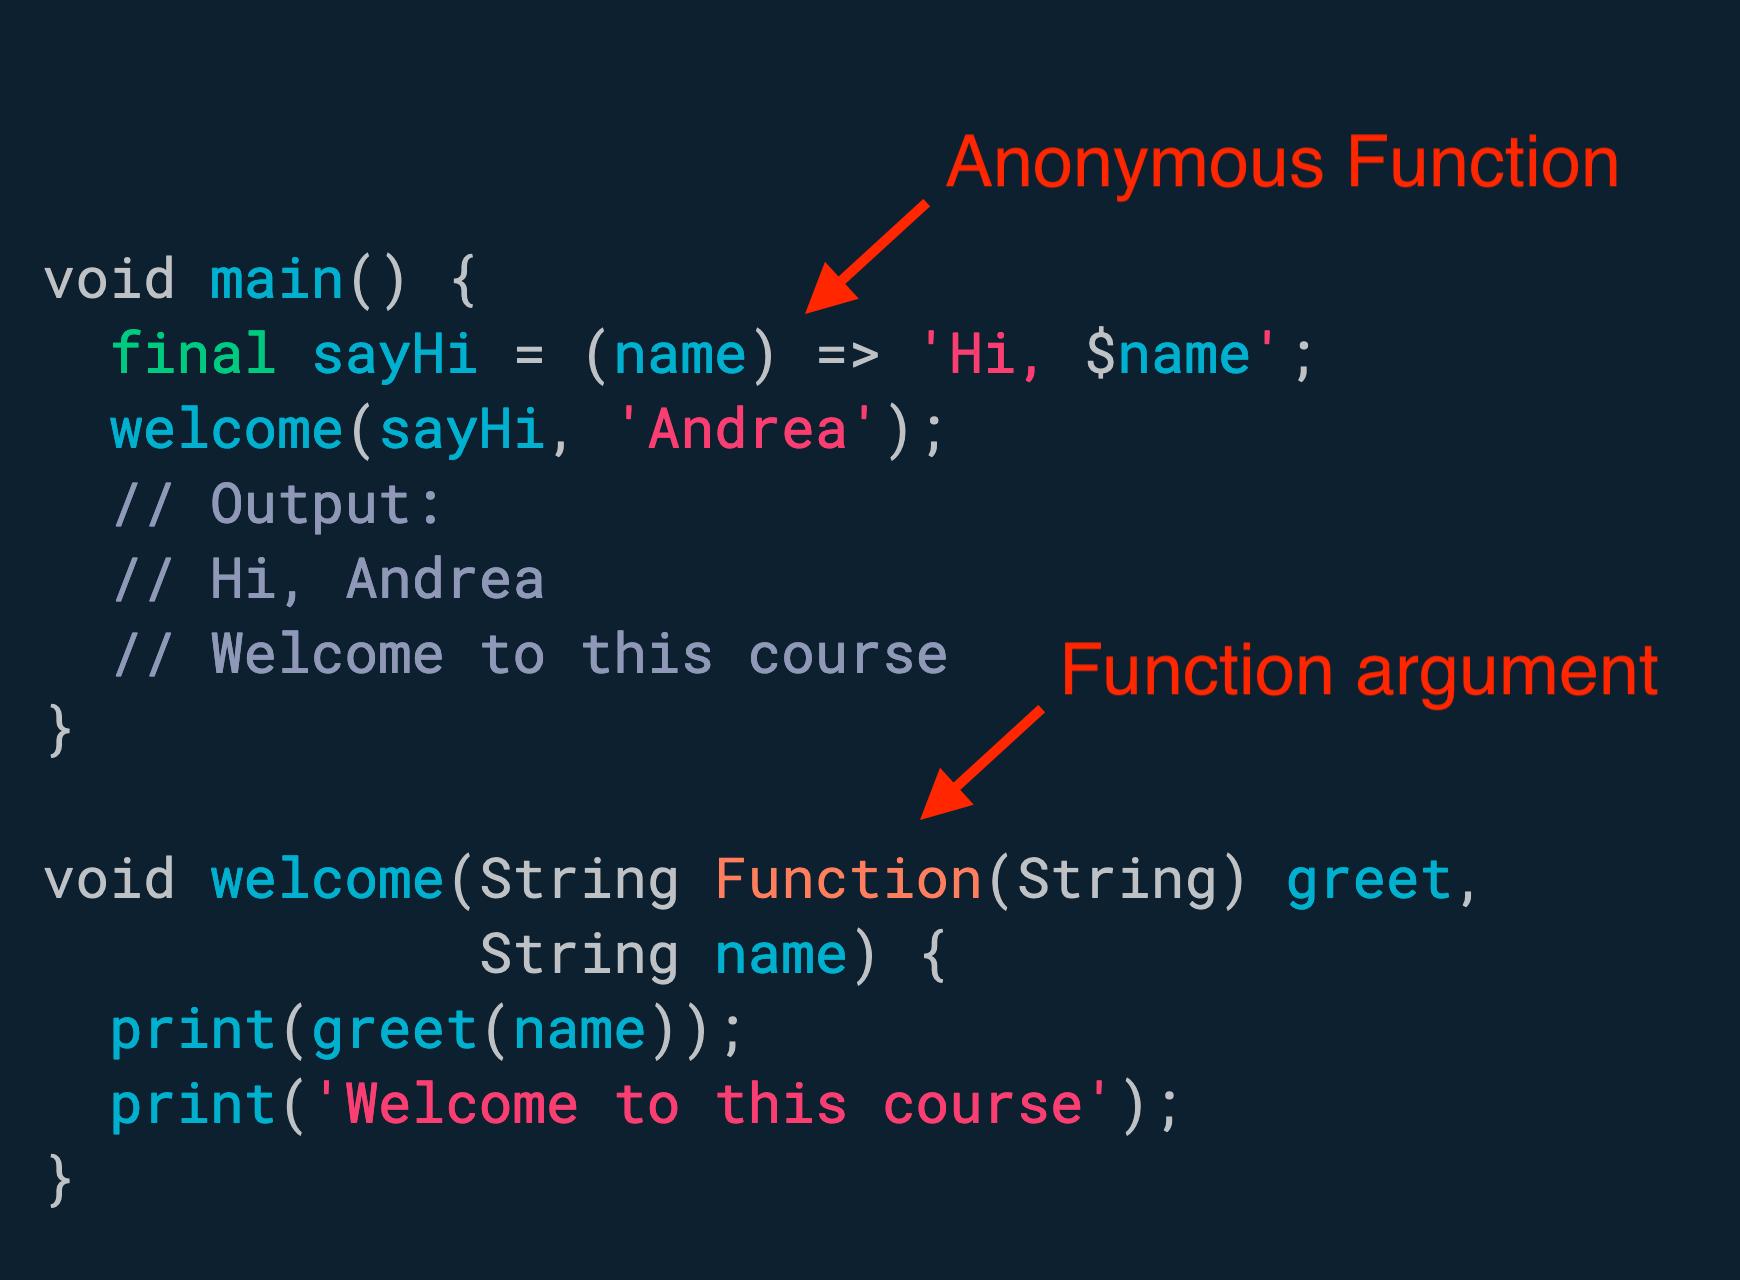 匿名函数可以分配给变量,或作为参数传递给其他函数